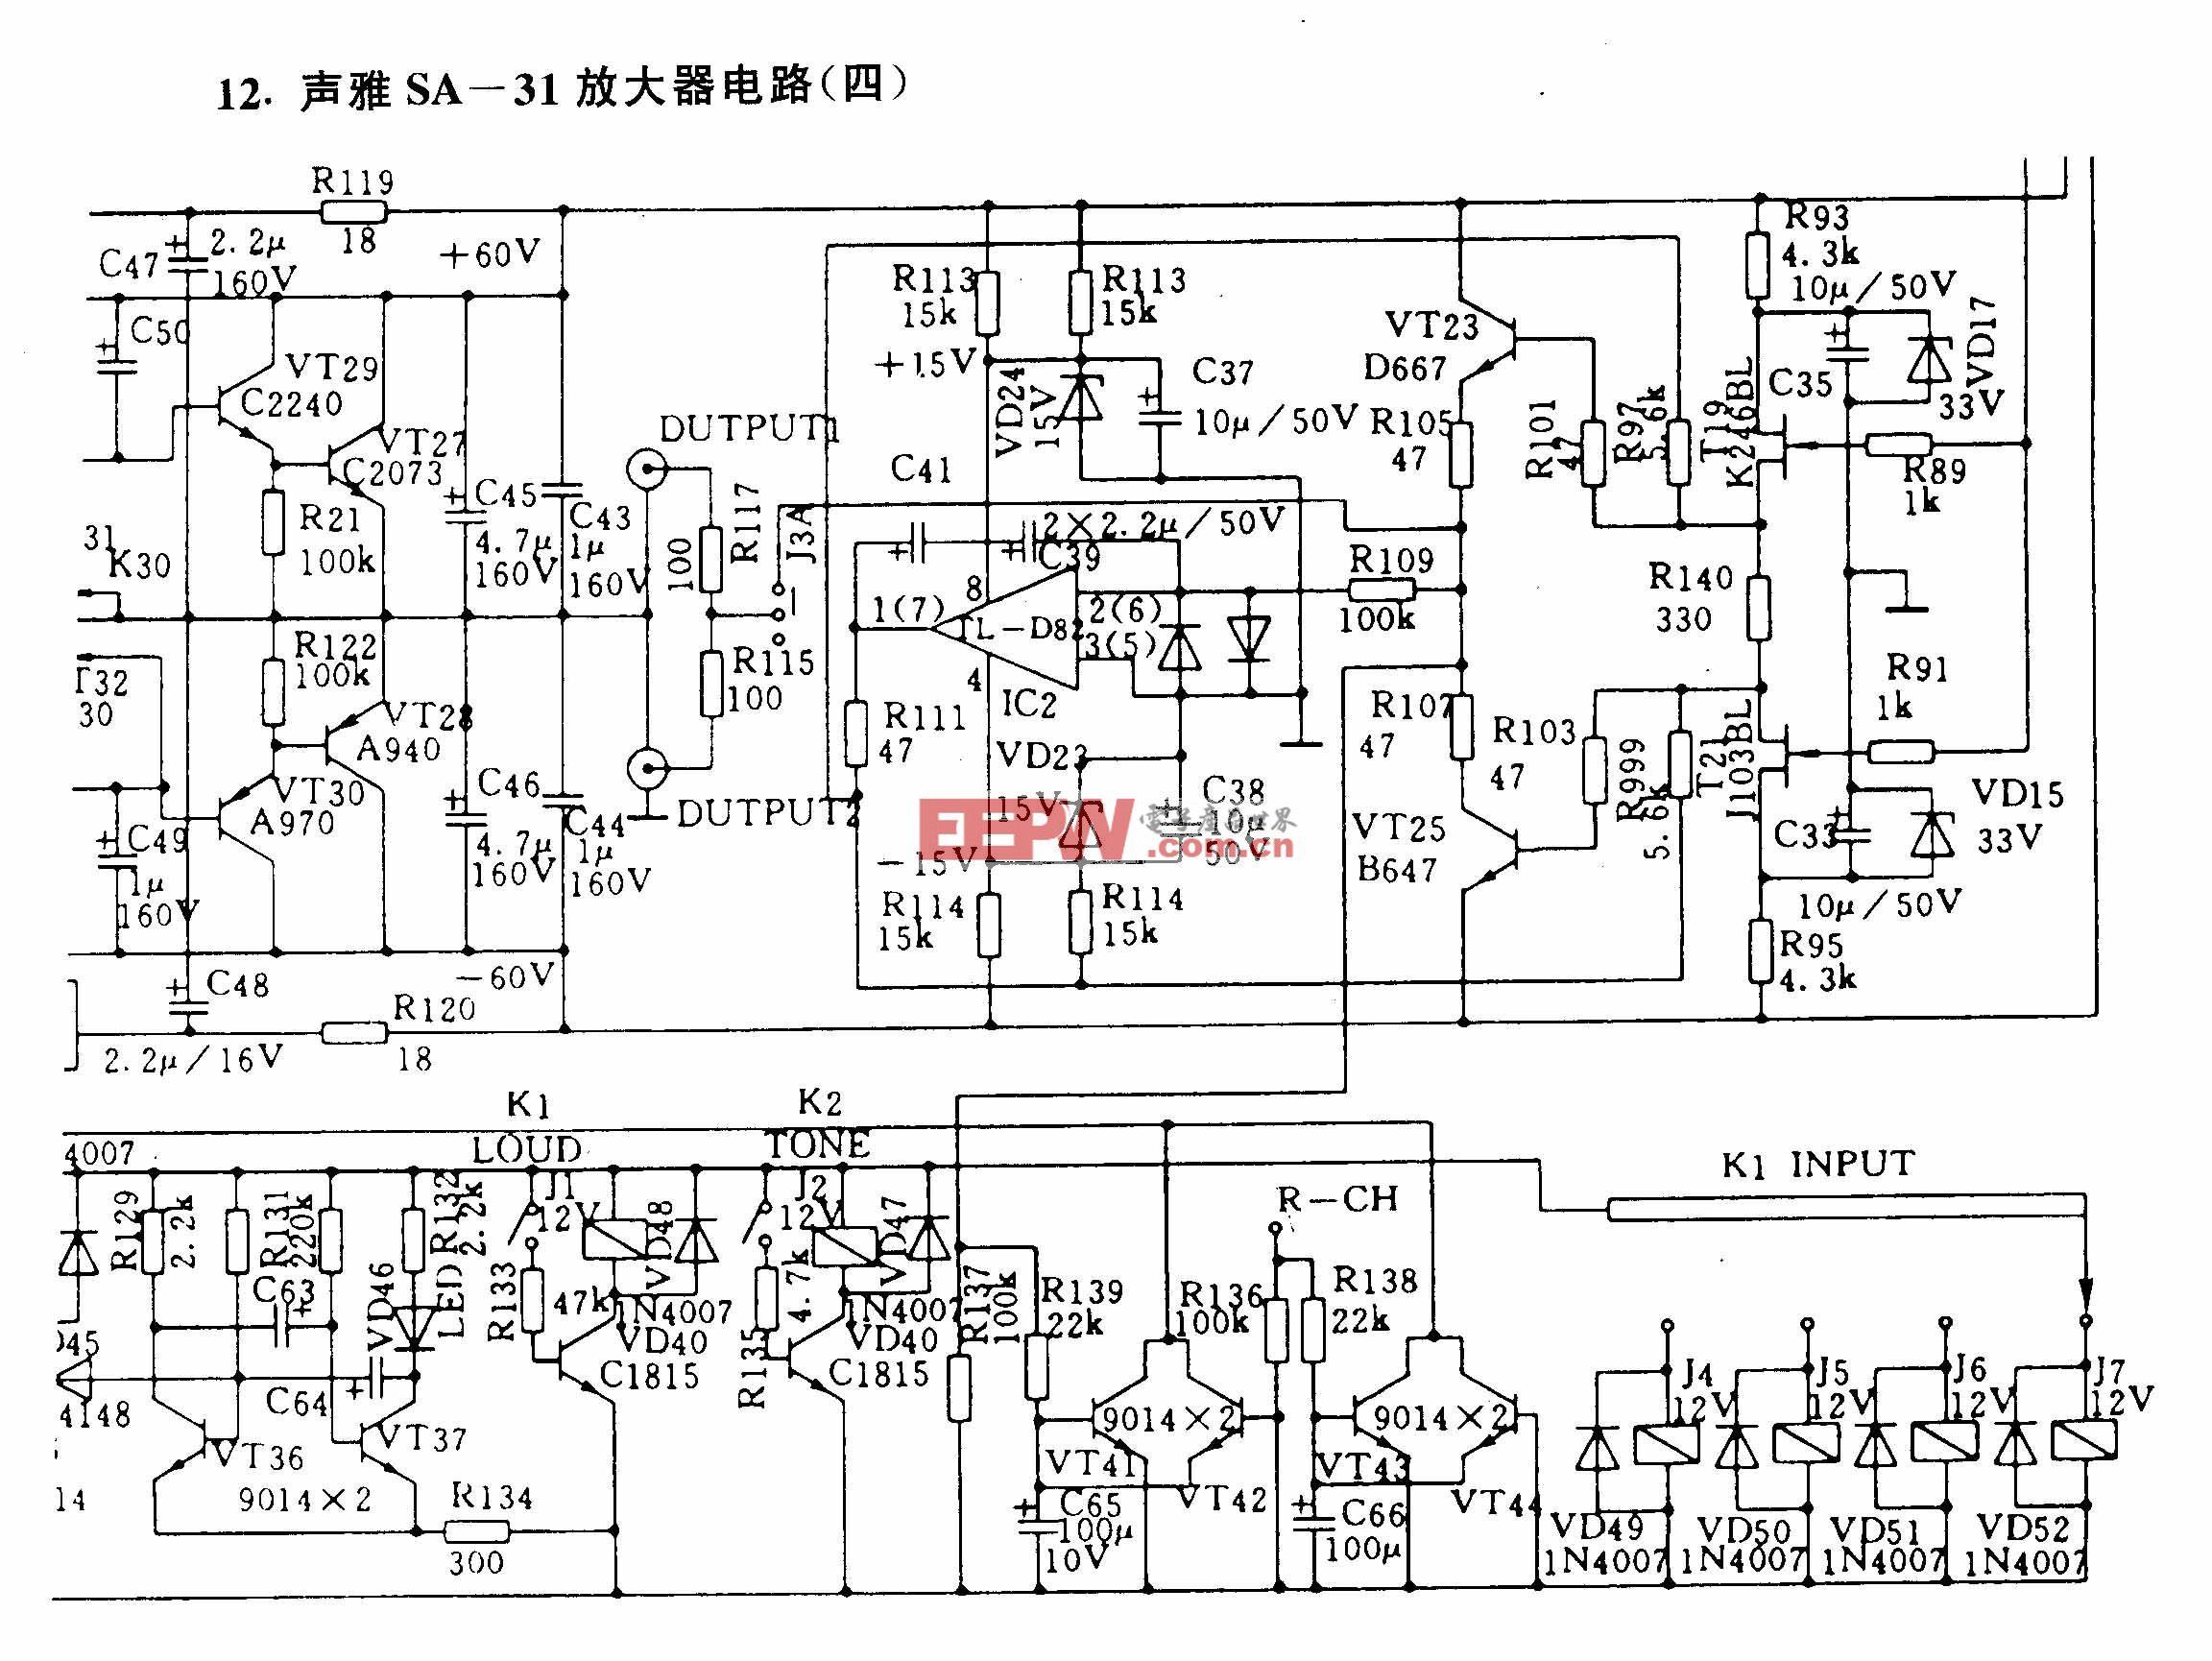 声雅SA-31放大器电路(四)